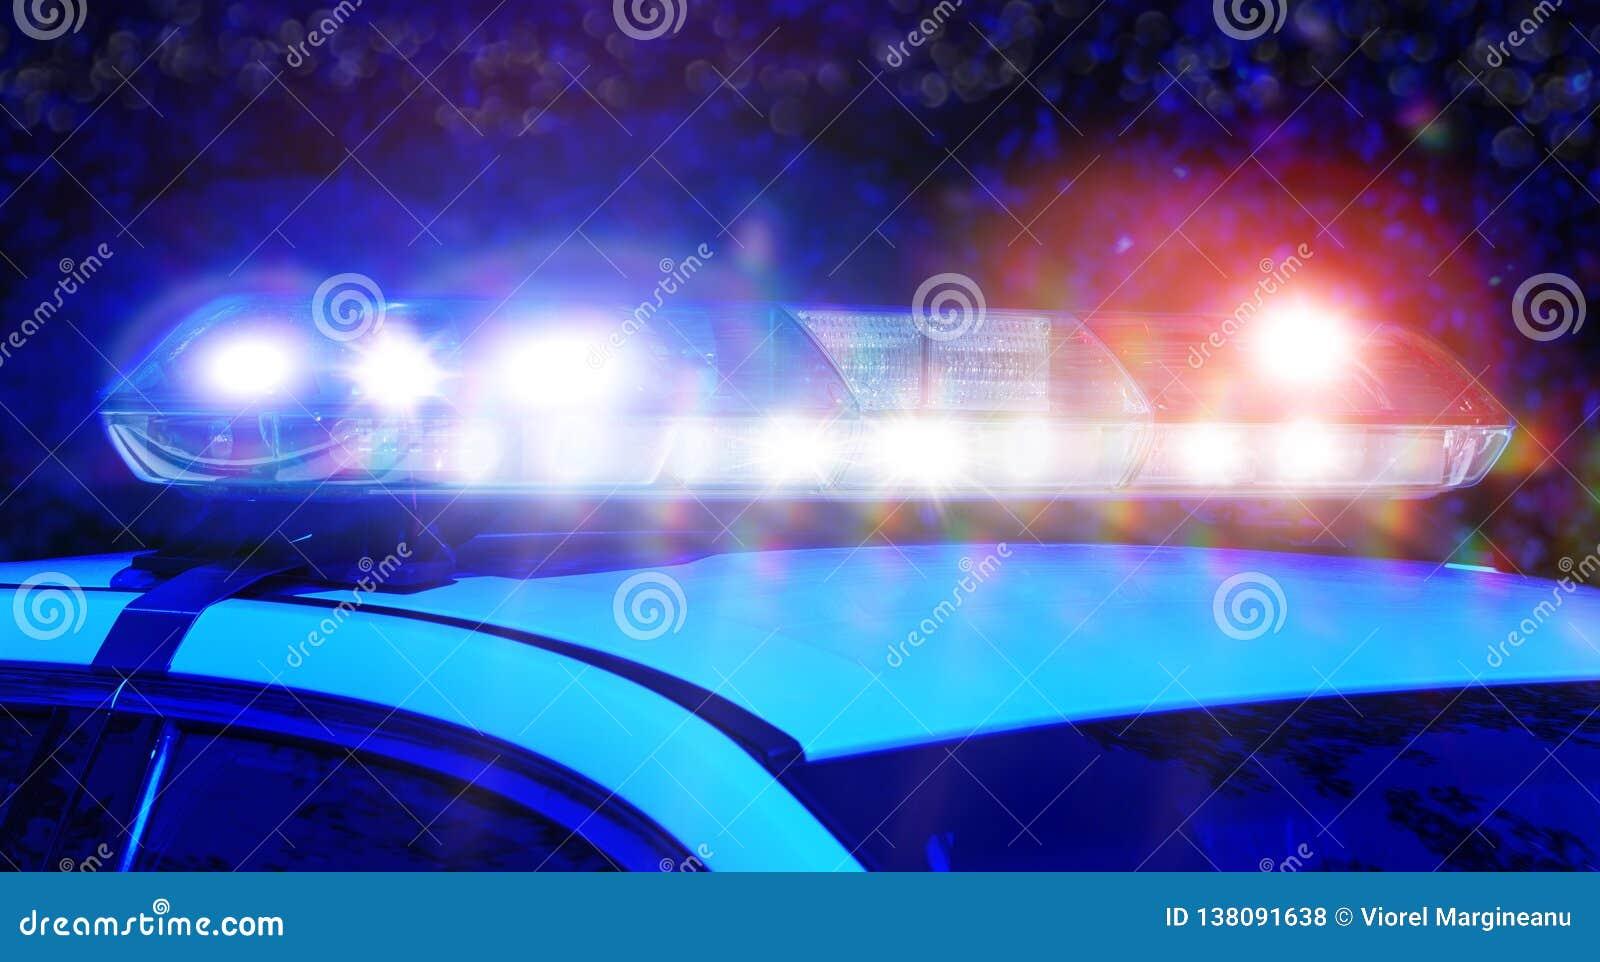 Voiture La Des Sirène Foyer Police De À Lumières Avec Sur Nuit Le rBodxeC